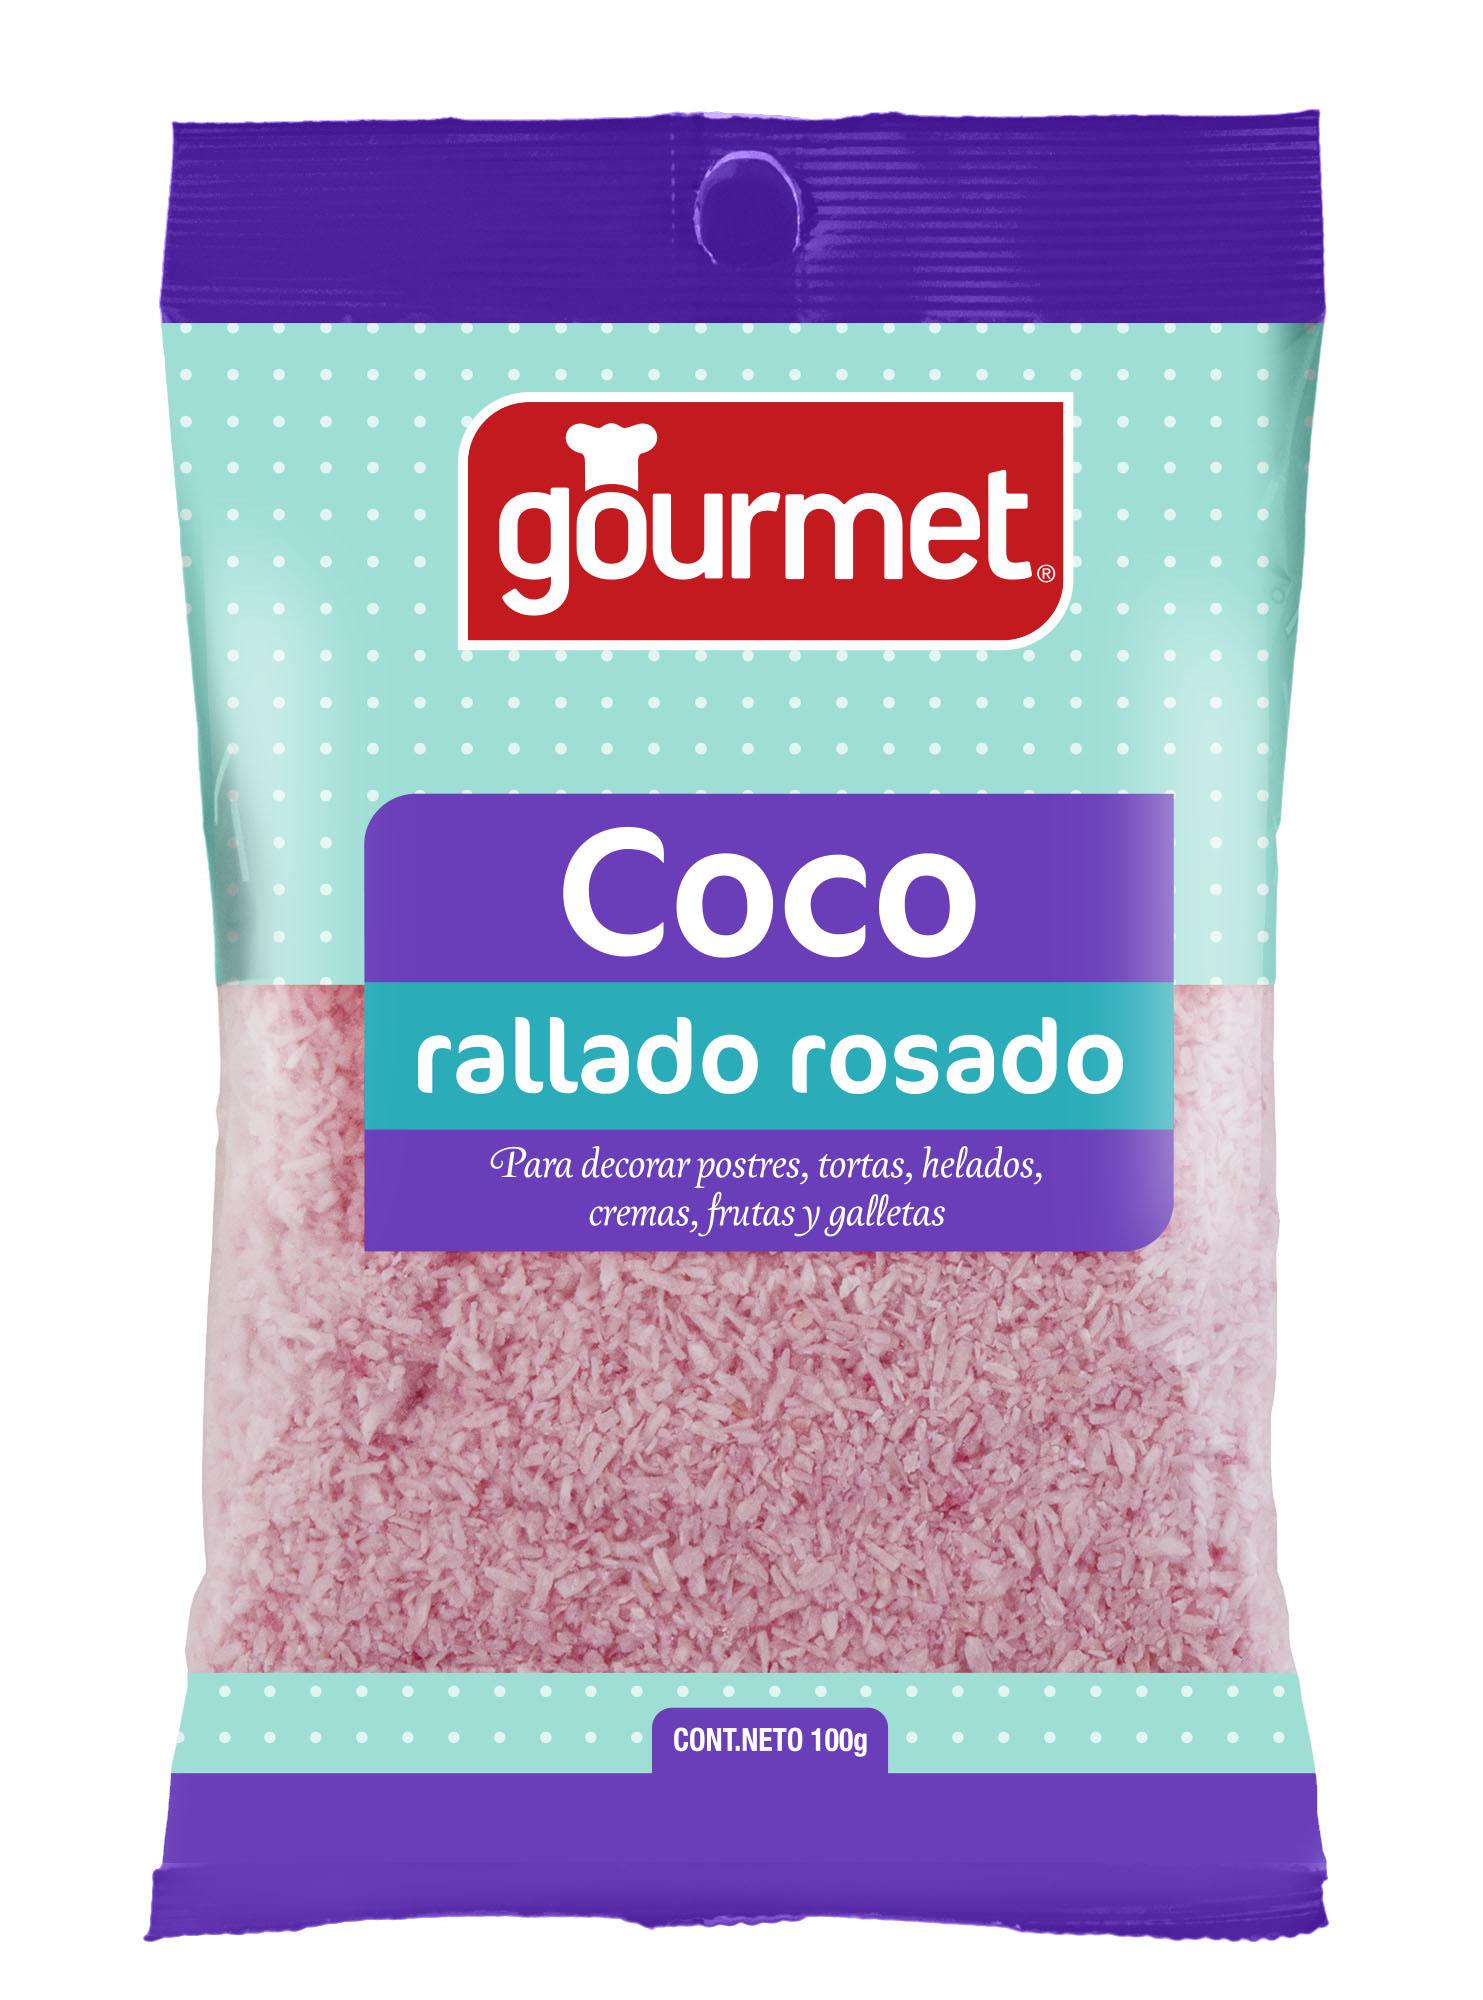 Coco Rallado Rosado